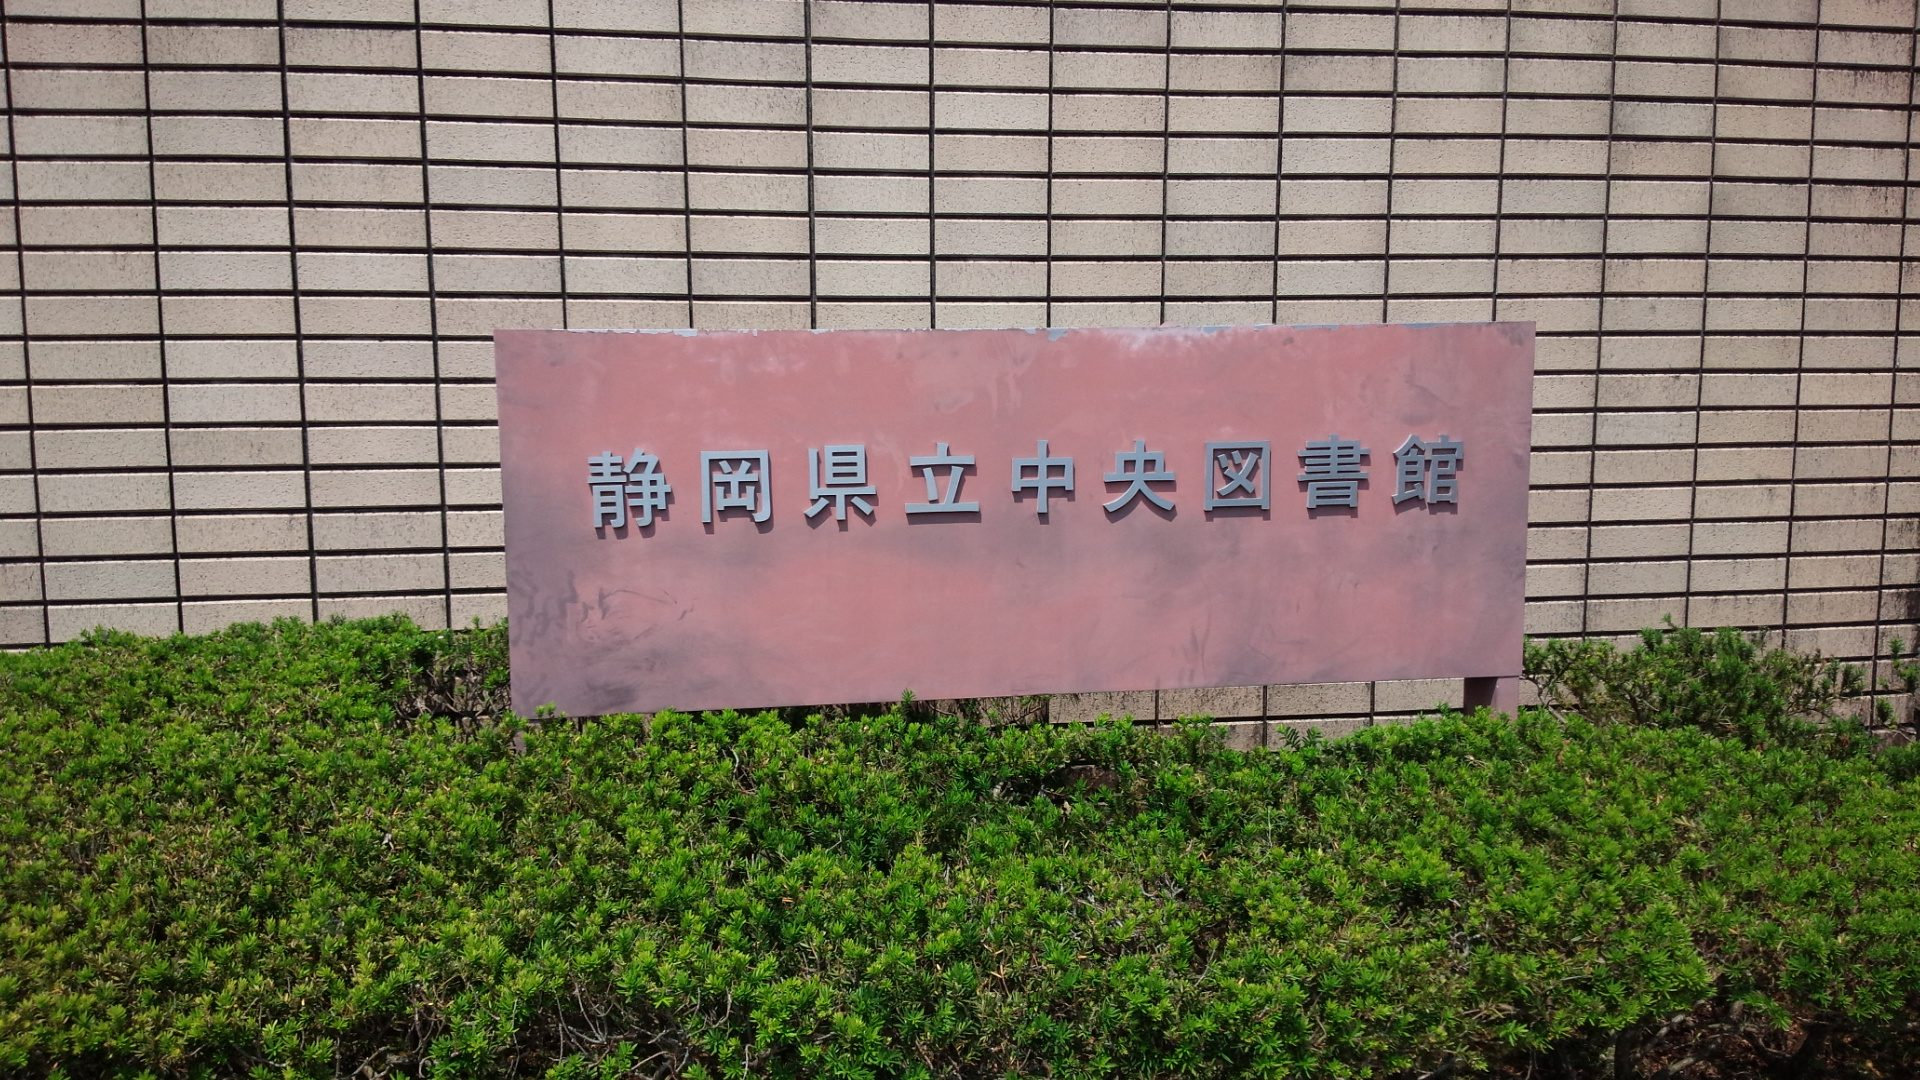 静岡県立中央図書館(静岡県静岡市駿河区/観光)